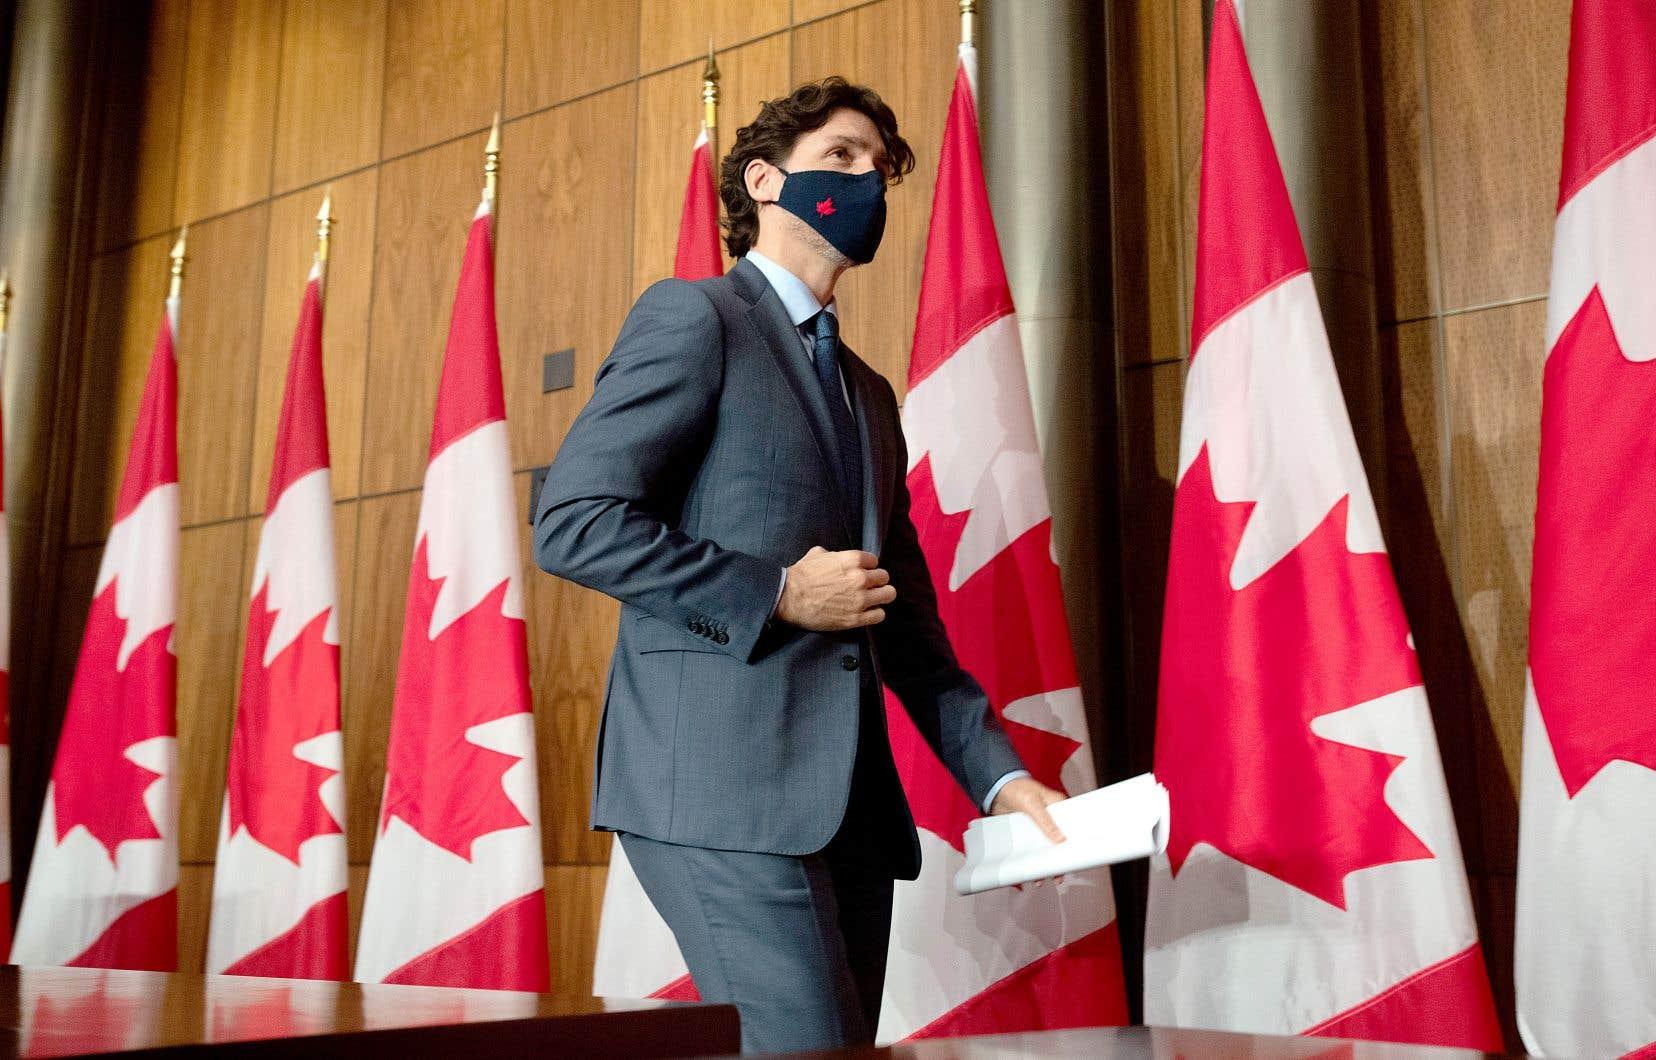 Mercredi, le premier ministre Justin Trudeau a adopté un ton plus politique, pour promettre d'aider plus longtemps les travailleurs et les entreprises, que lors de ses discours des derniers mois.